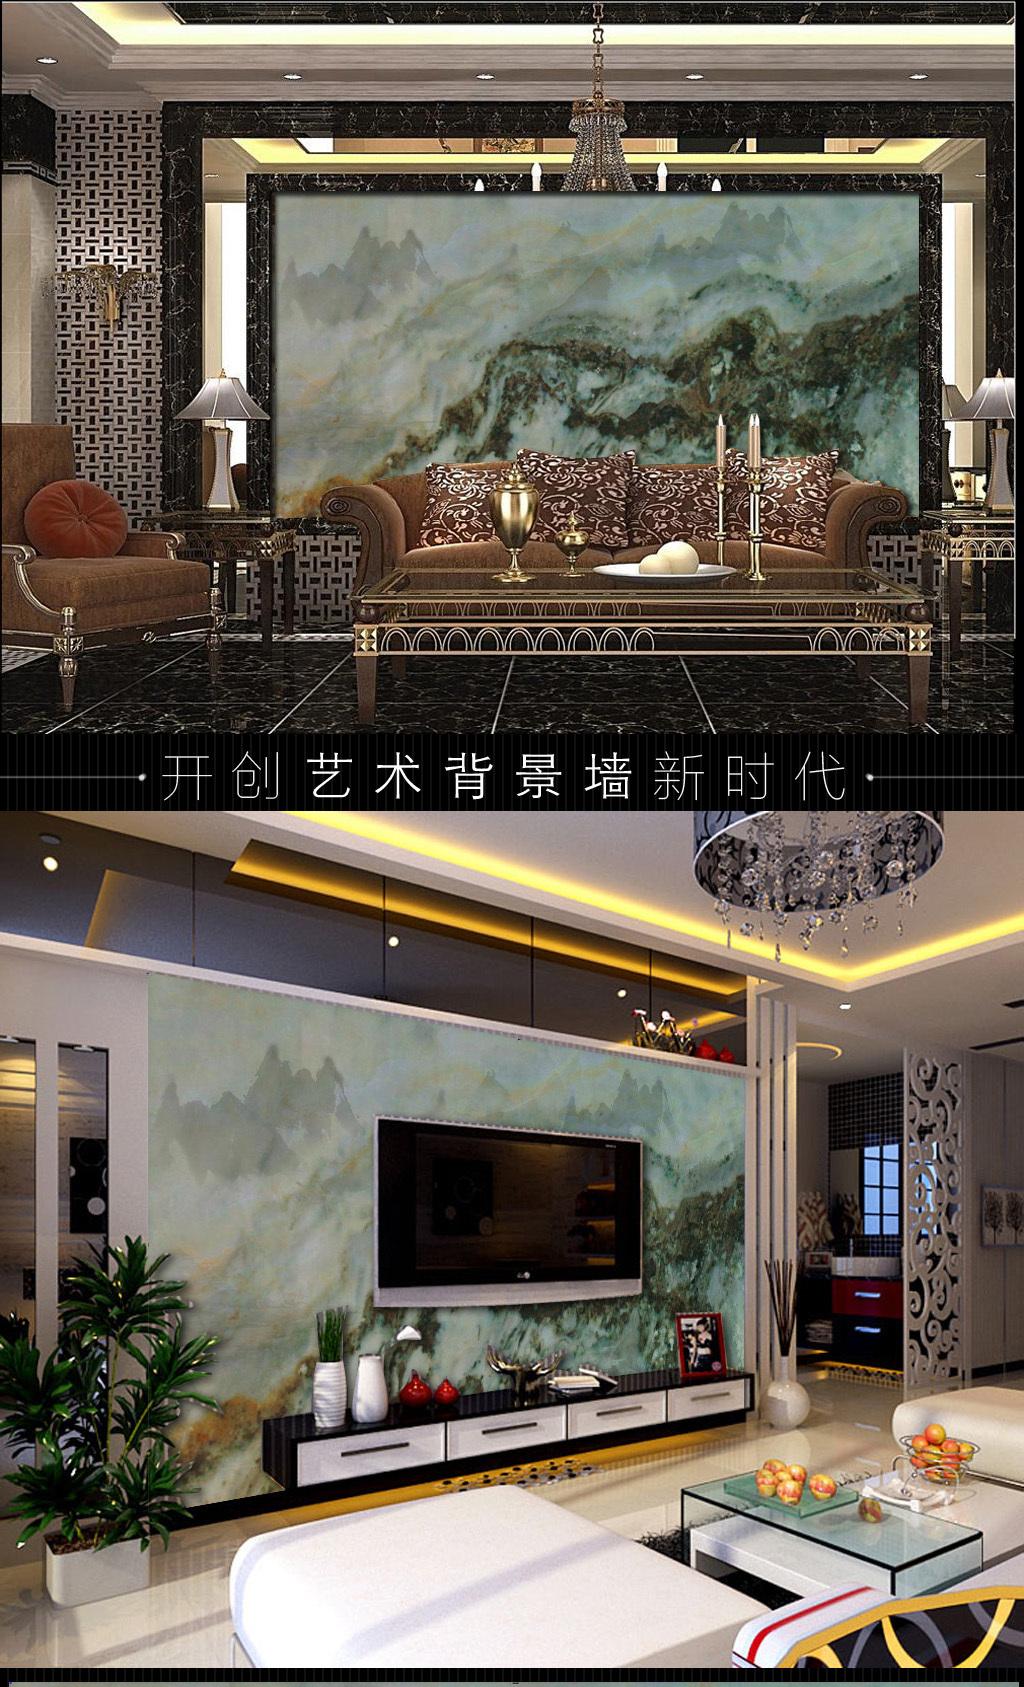 微晶石_瓷砖背景墙3D欧式现代简约客厅电视背景墙瓷砖微晶石 仿大理石 ...